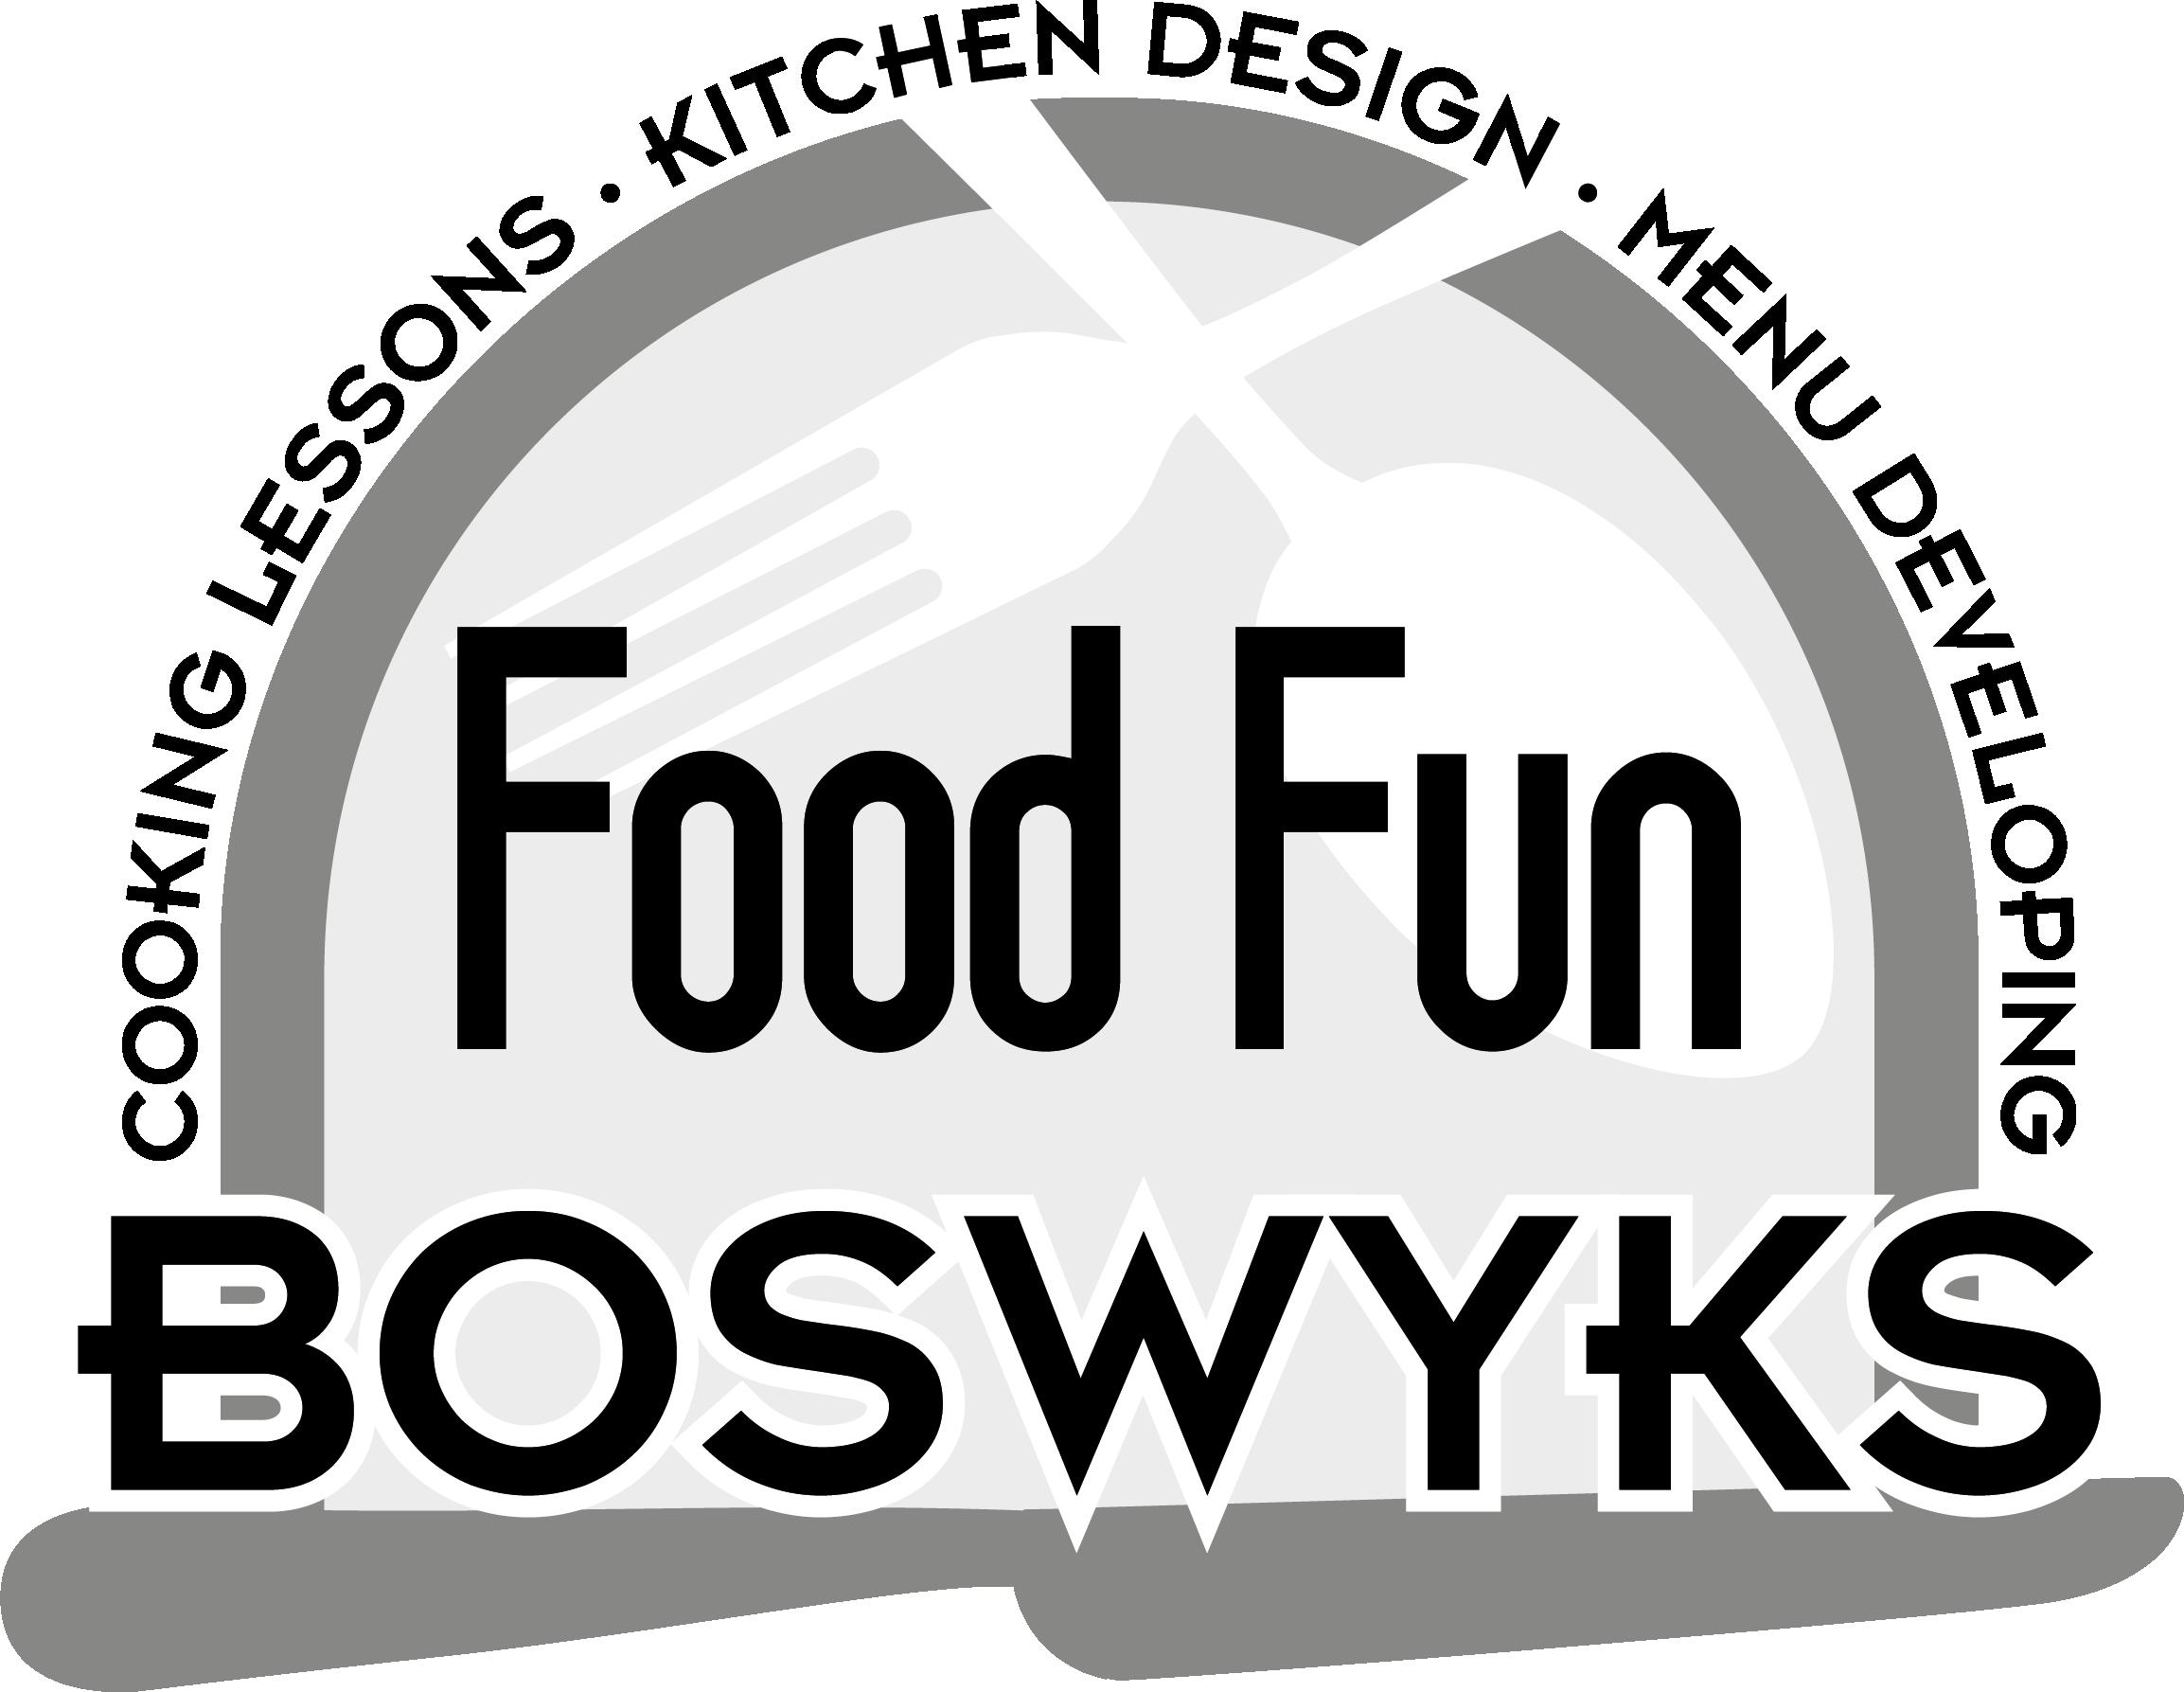 Boswyks Food Fun